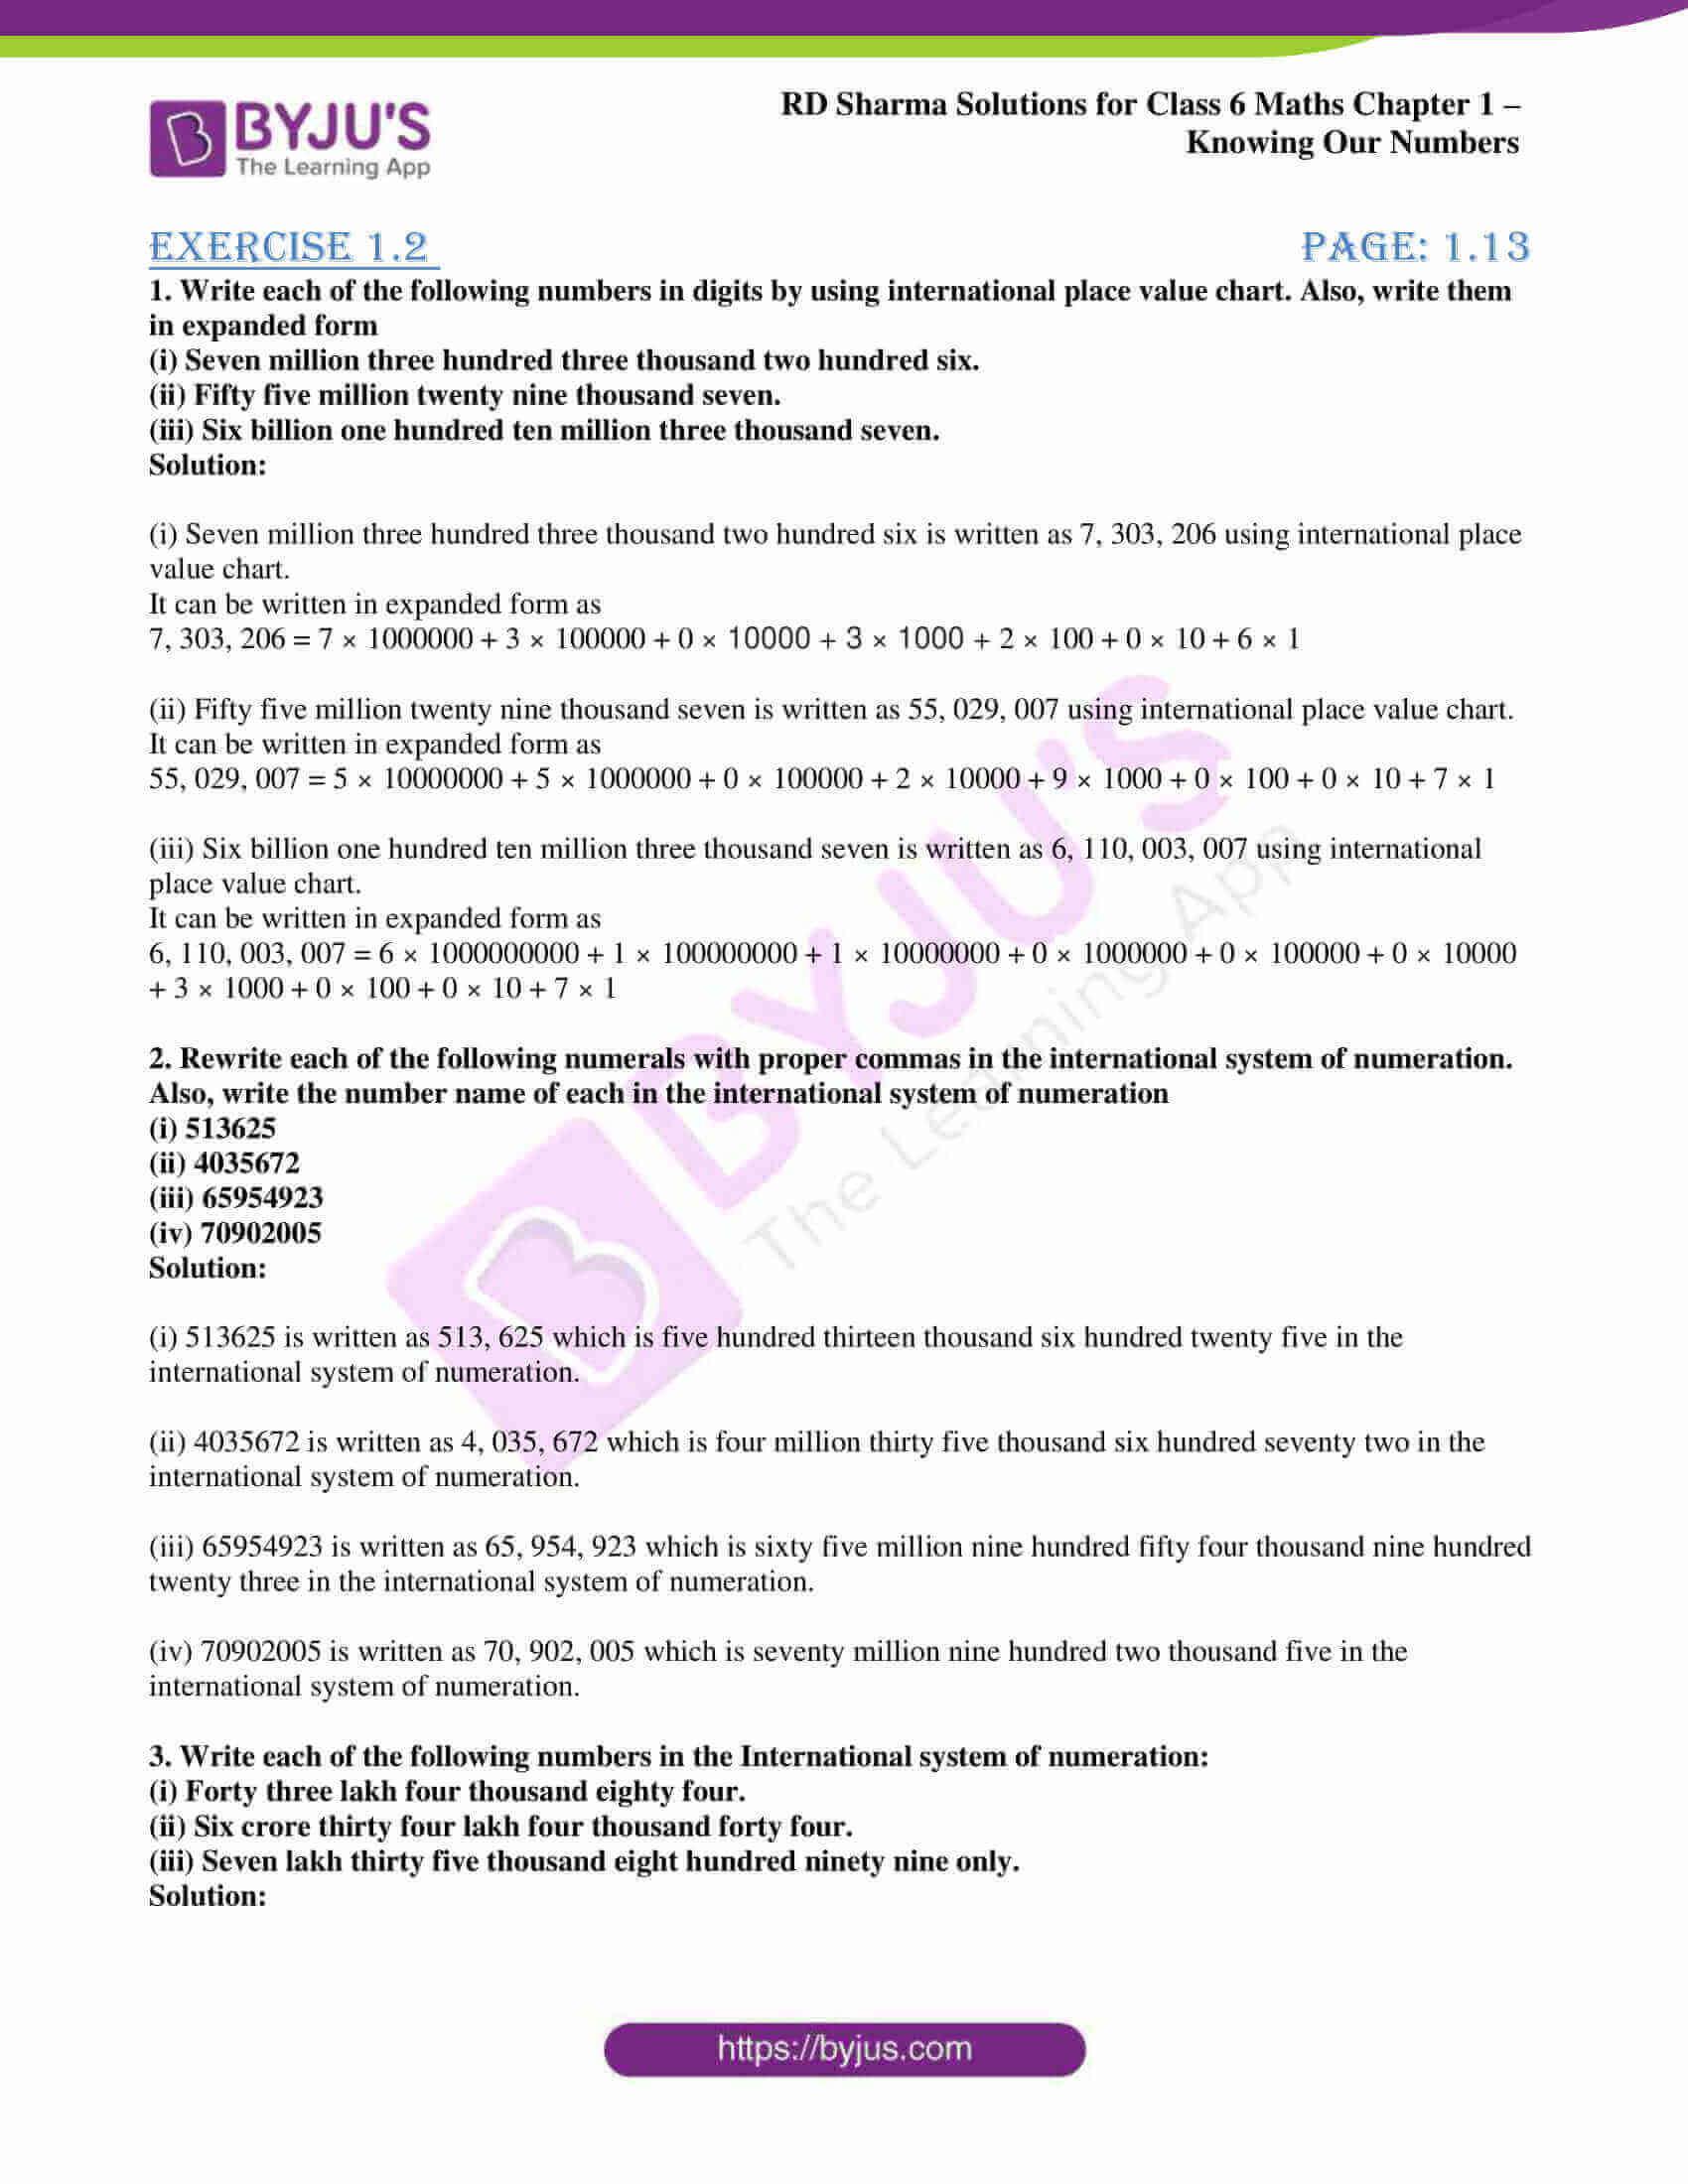 rd sharma class 6 maths solutions chapter 1 ex 2 1